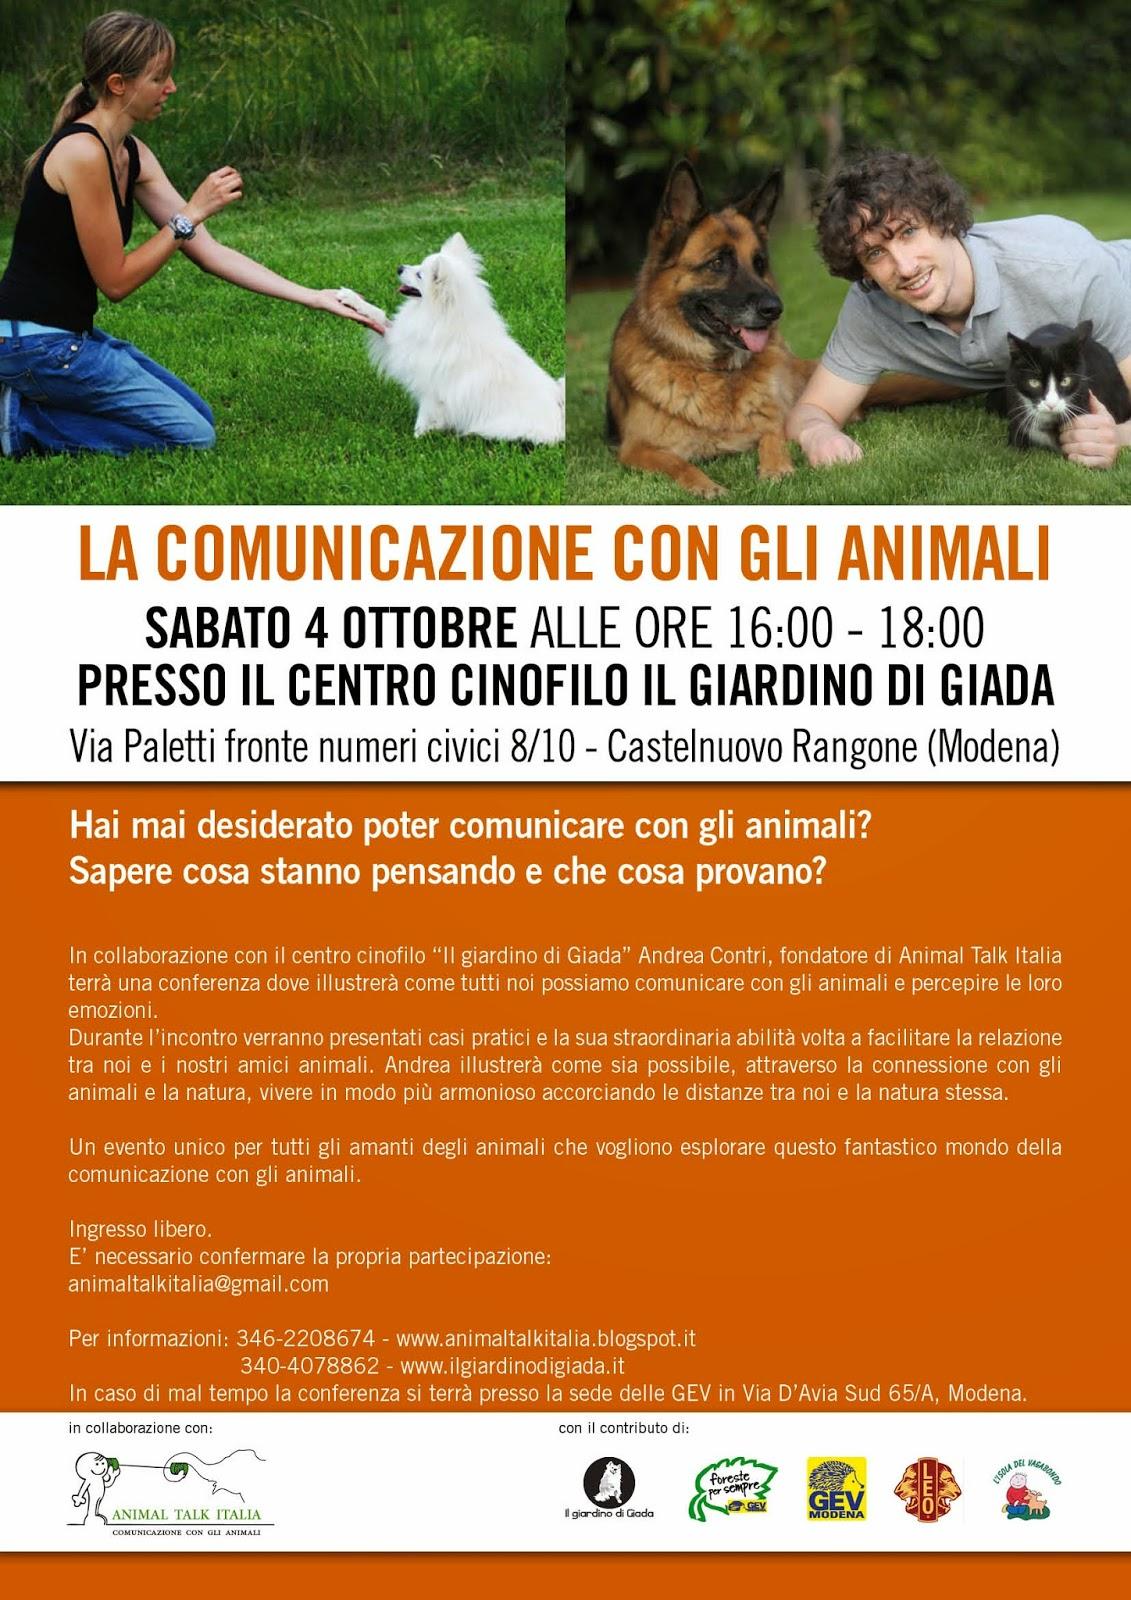 Animal talk italia conferenze - Il giardino di giada ...